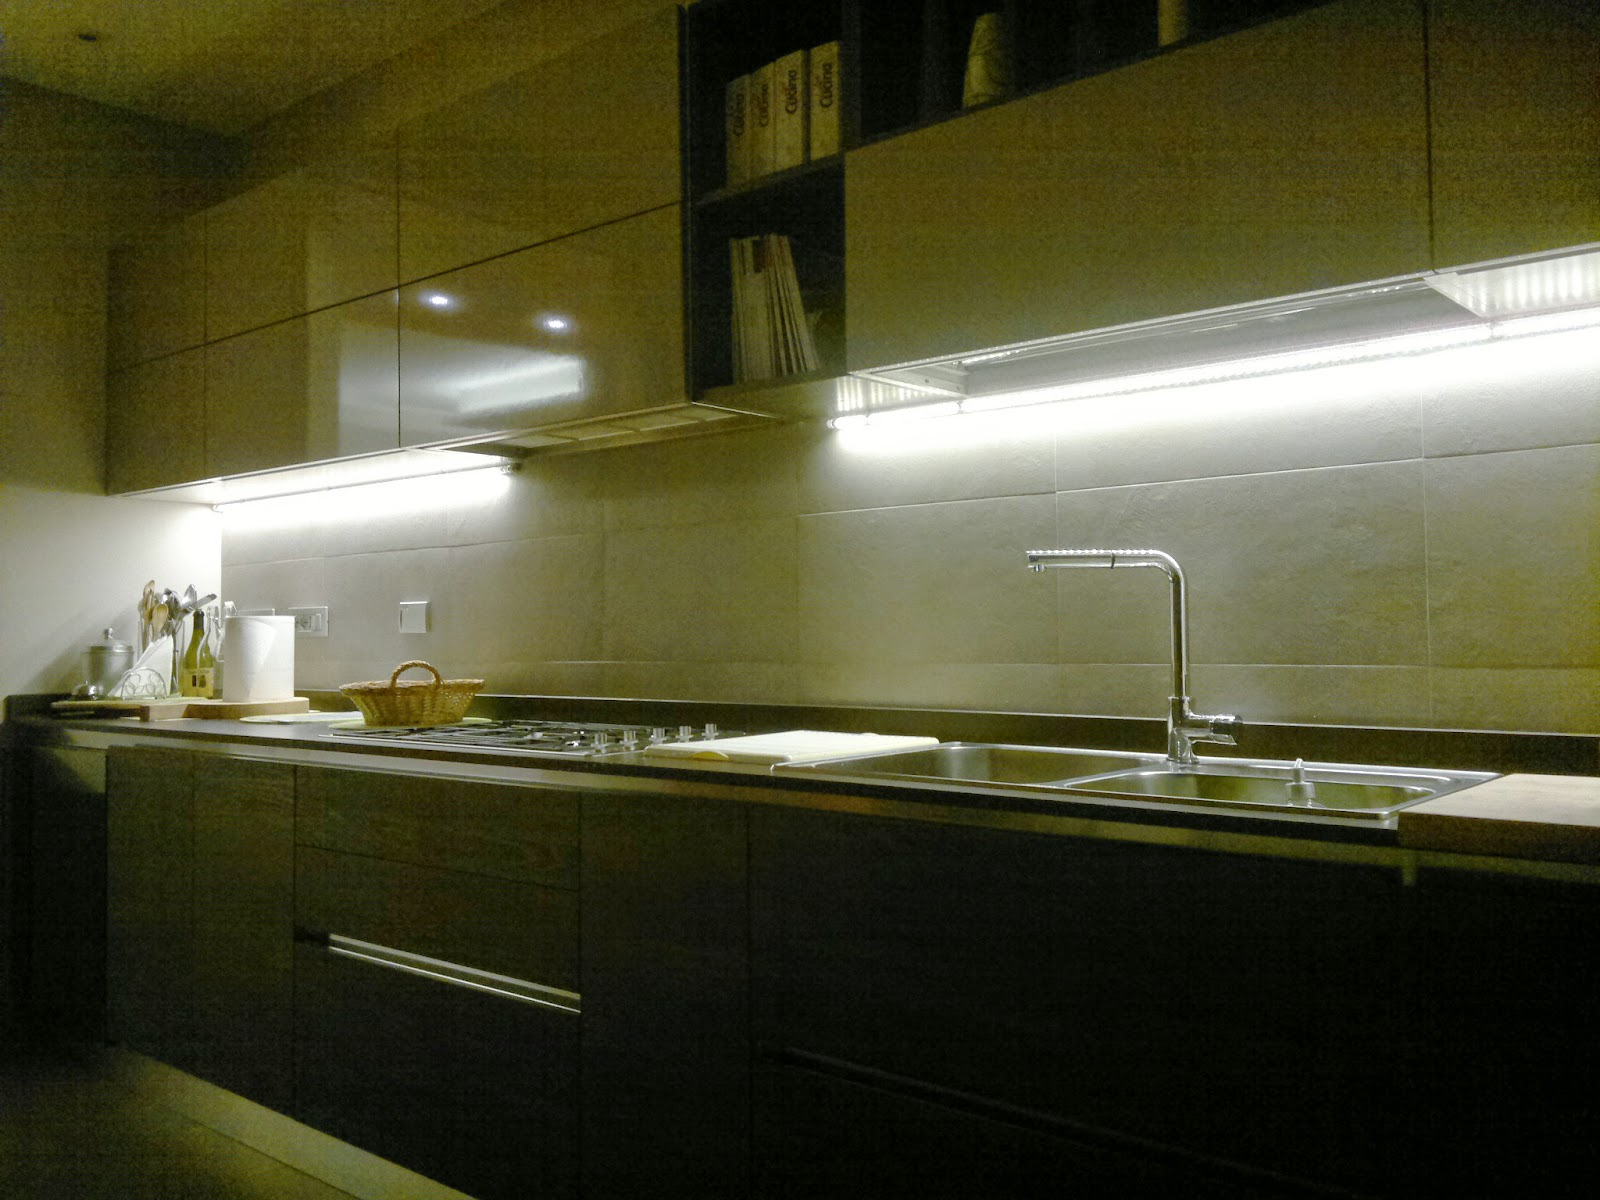 Illuminazione led casa ristrutturando un appartamento for Led per cucina